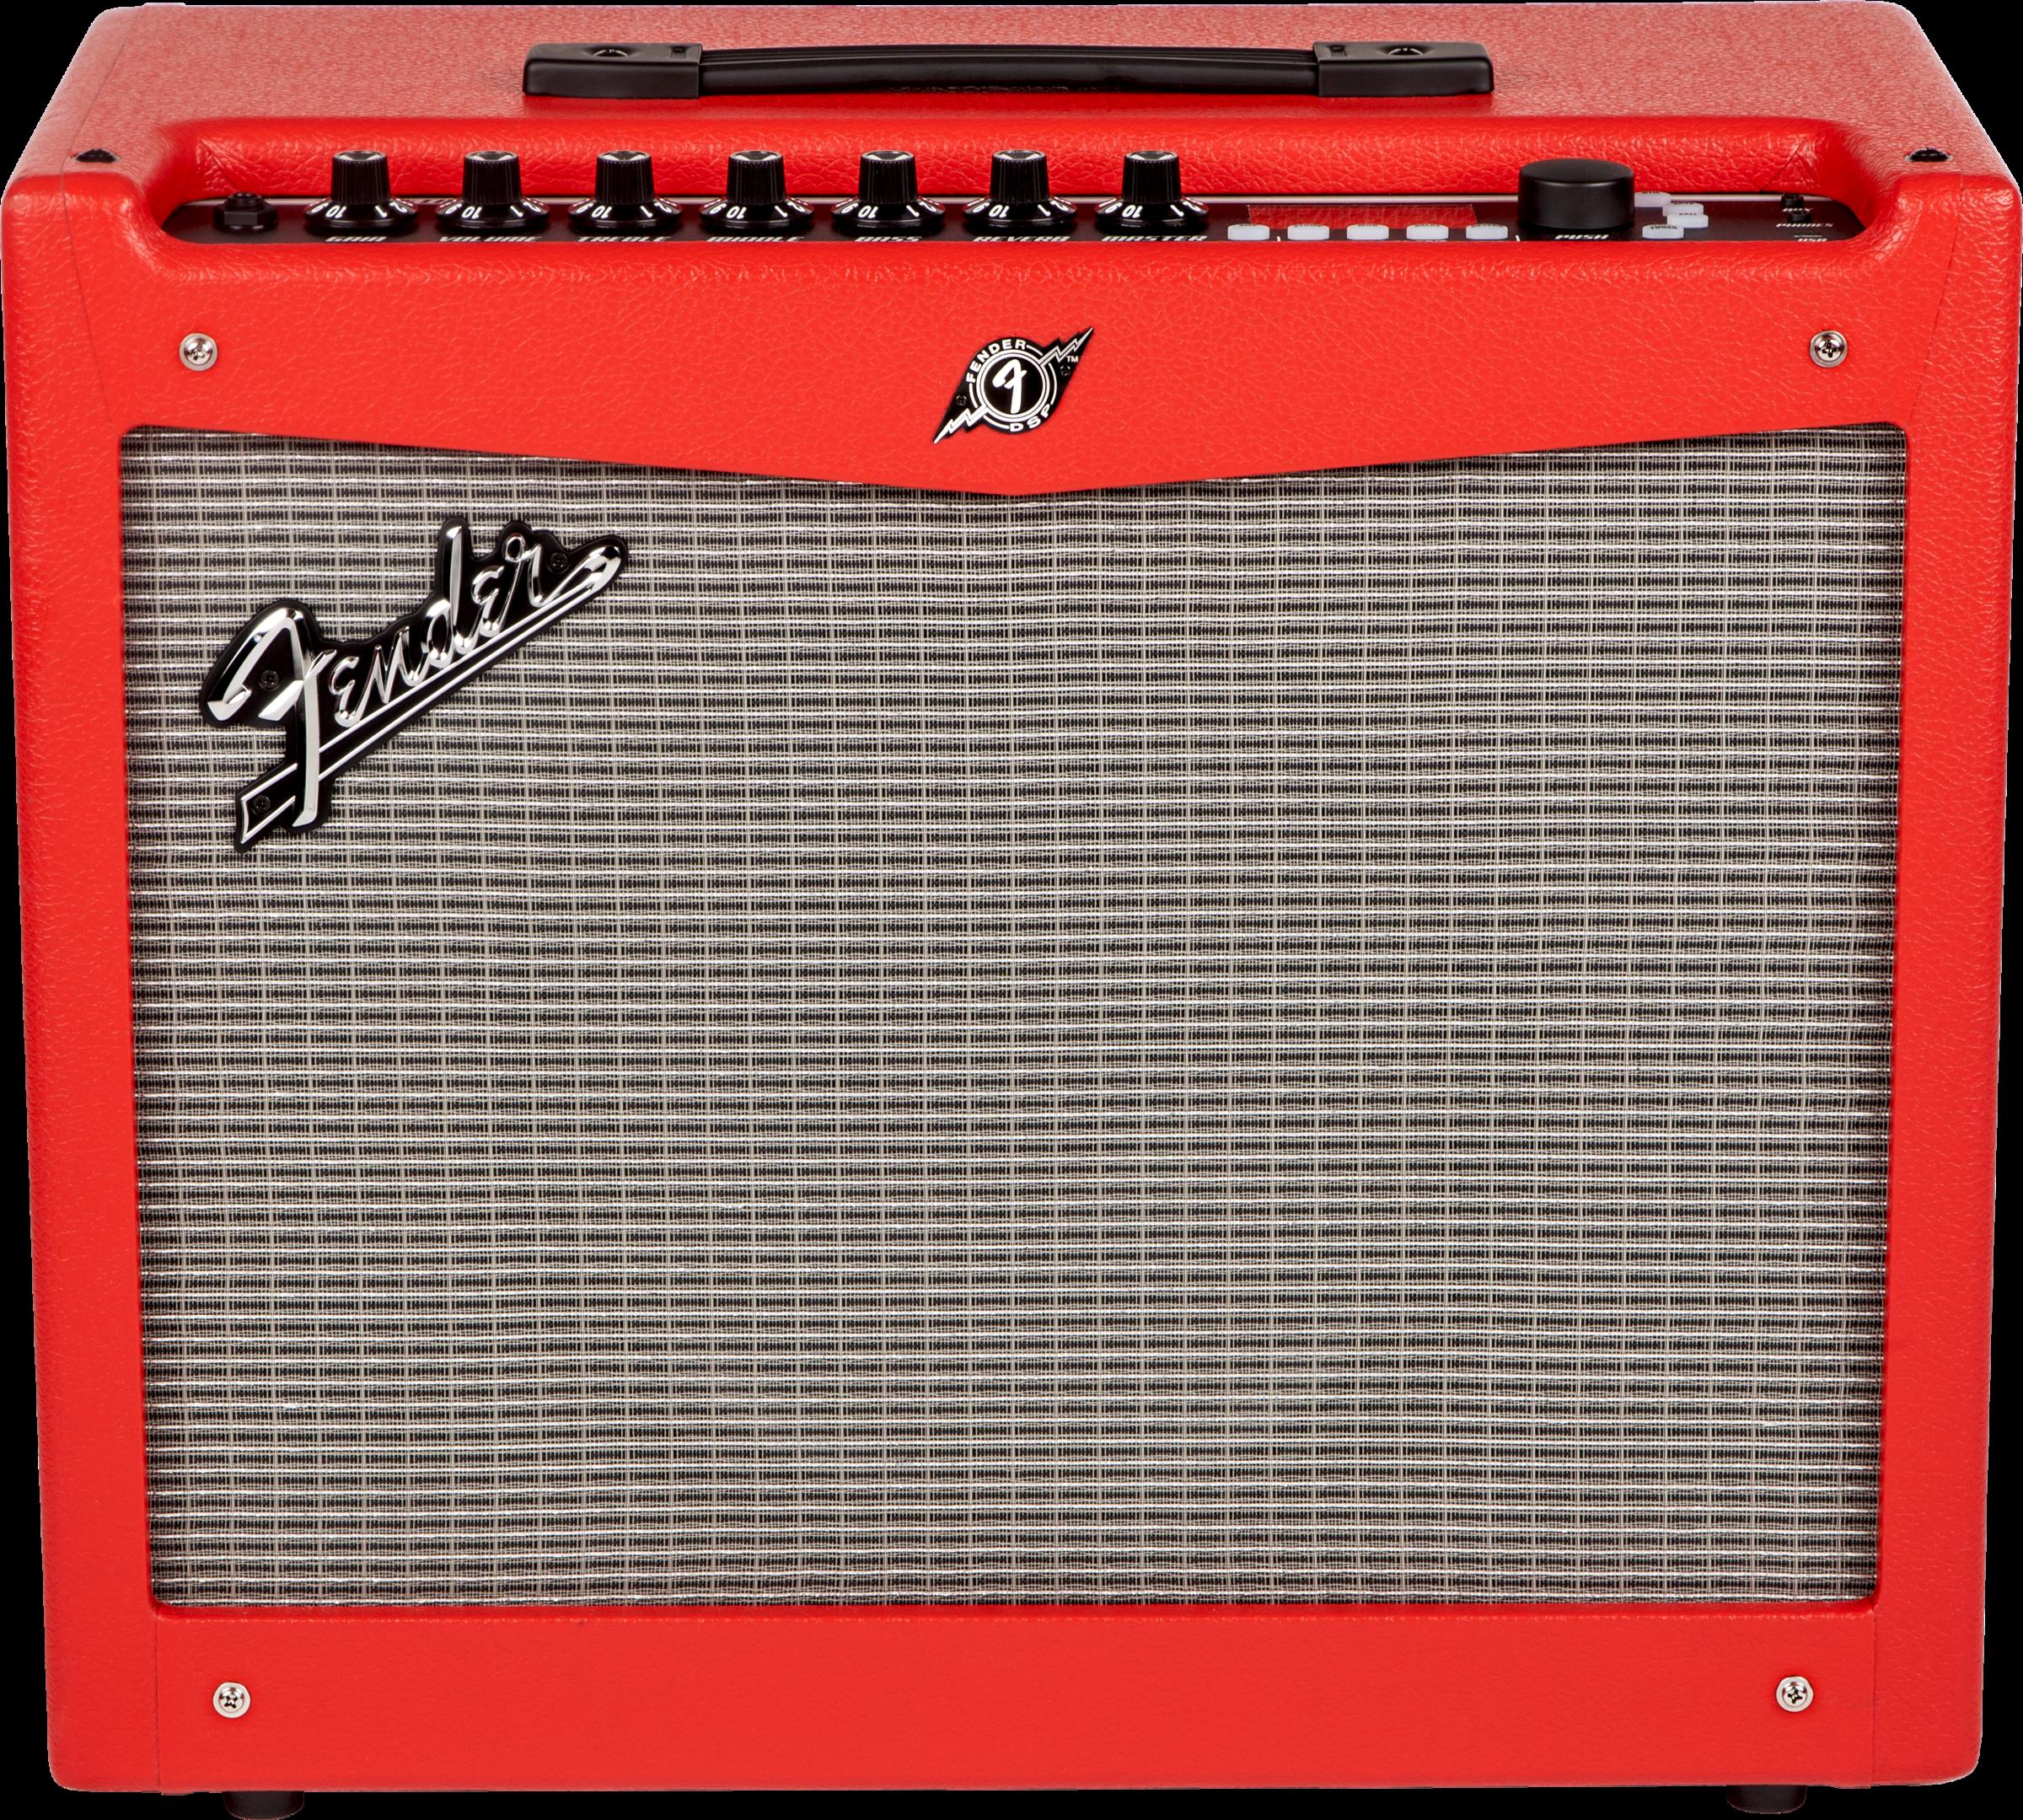 Fender Mustang Amp Iii v2 Fender Mustangs Iii v 2